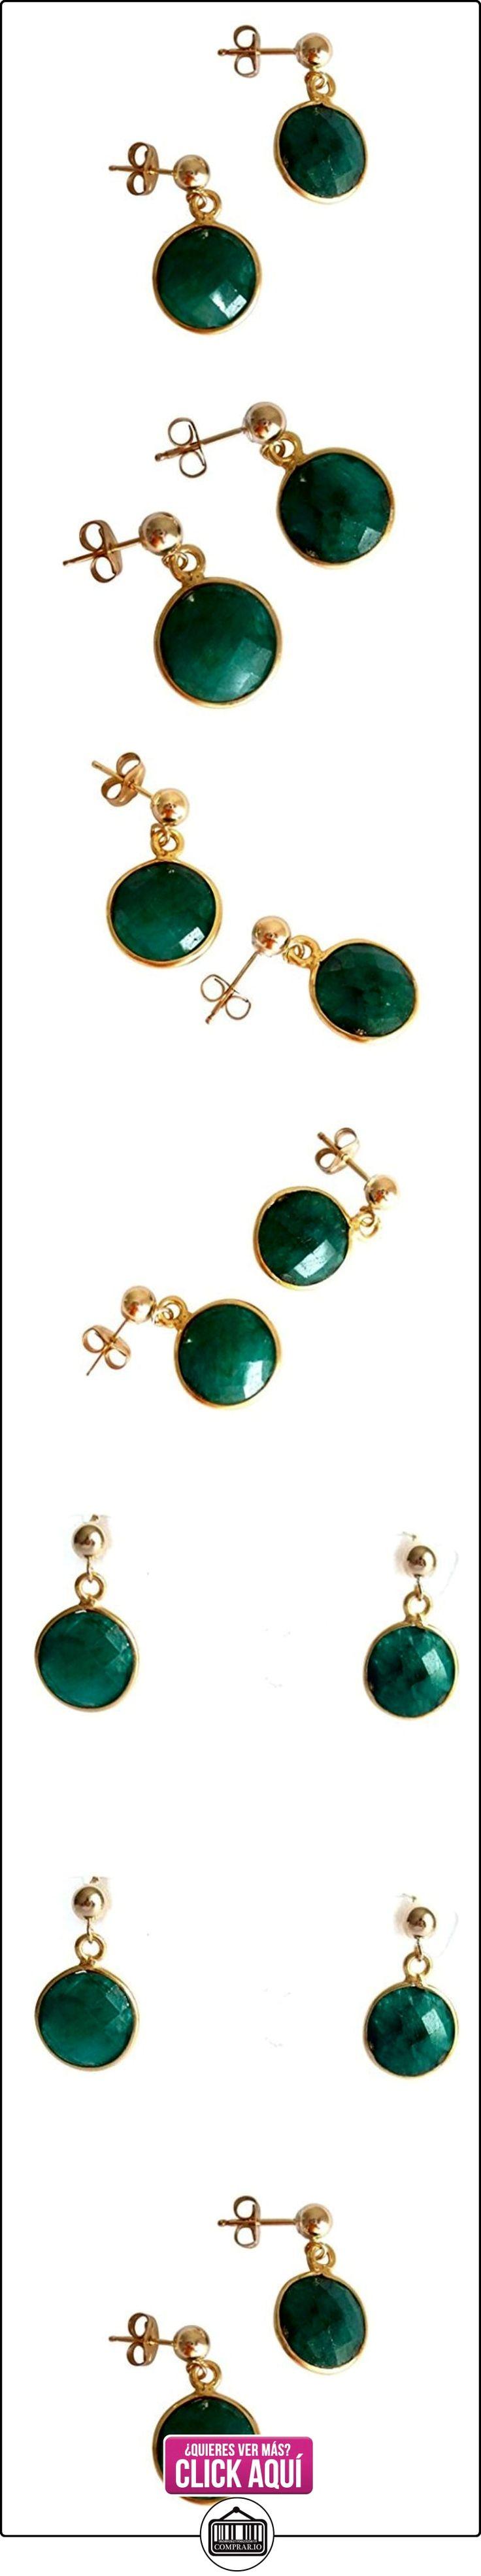 Gemshine - Pendientes de oro de 14kt y esmeralda natural, color de la gema verde  ✿ Joyas para mujer - Las mejores ofertas ✿ ▬► Ver oferta: https://comprar.io/goto/B00GLS1OFU